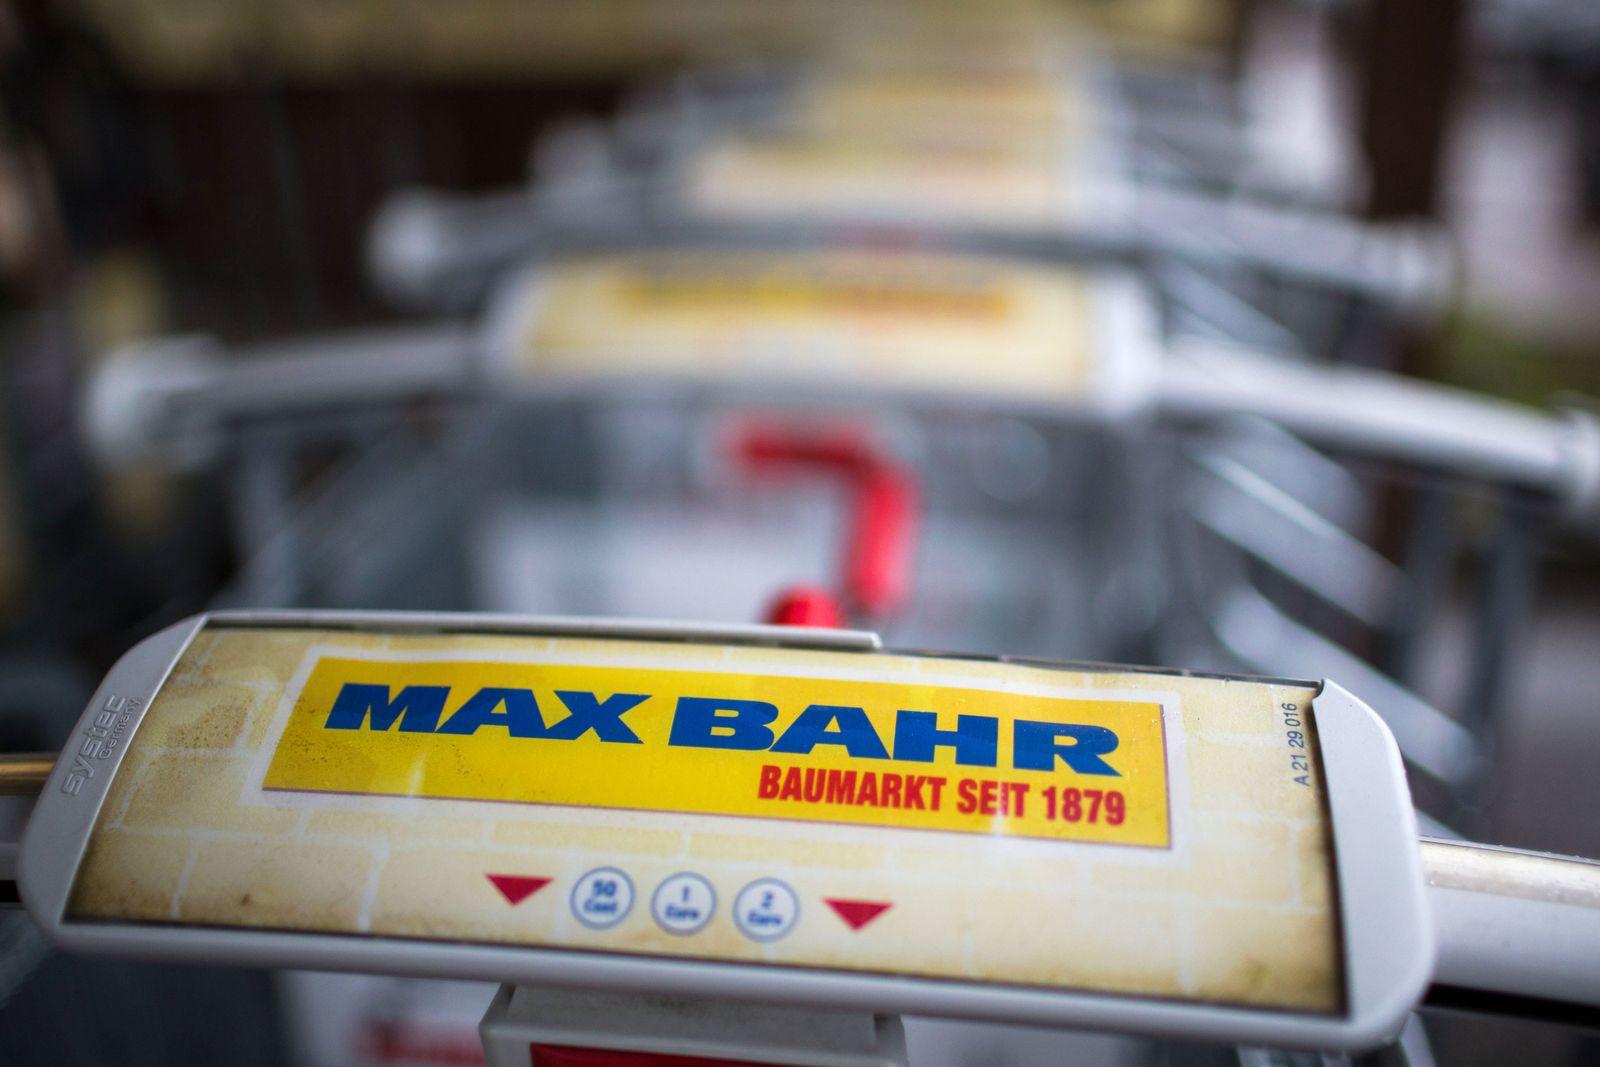 Baumarktkette Max Bahr